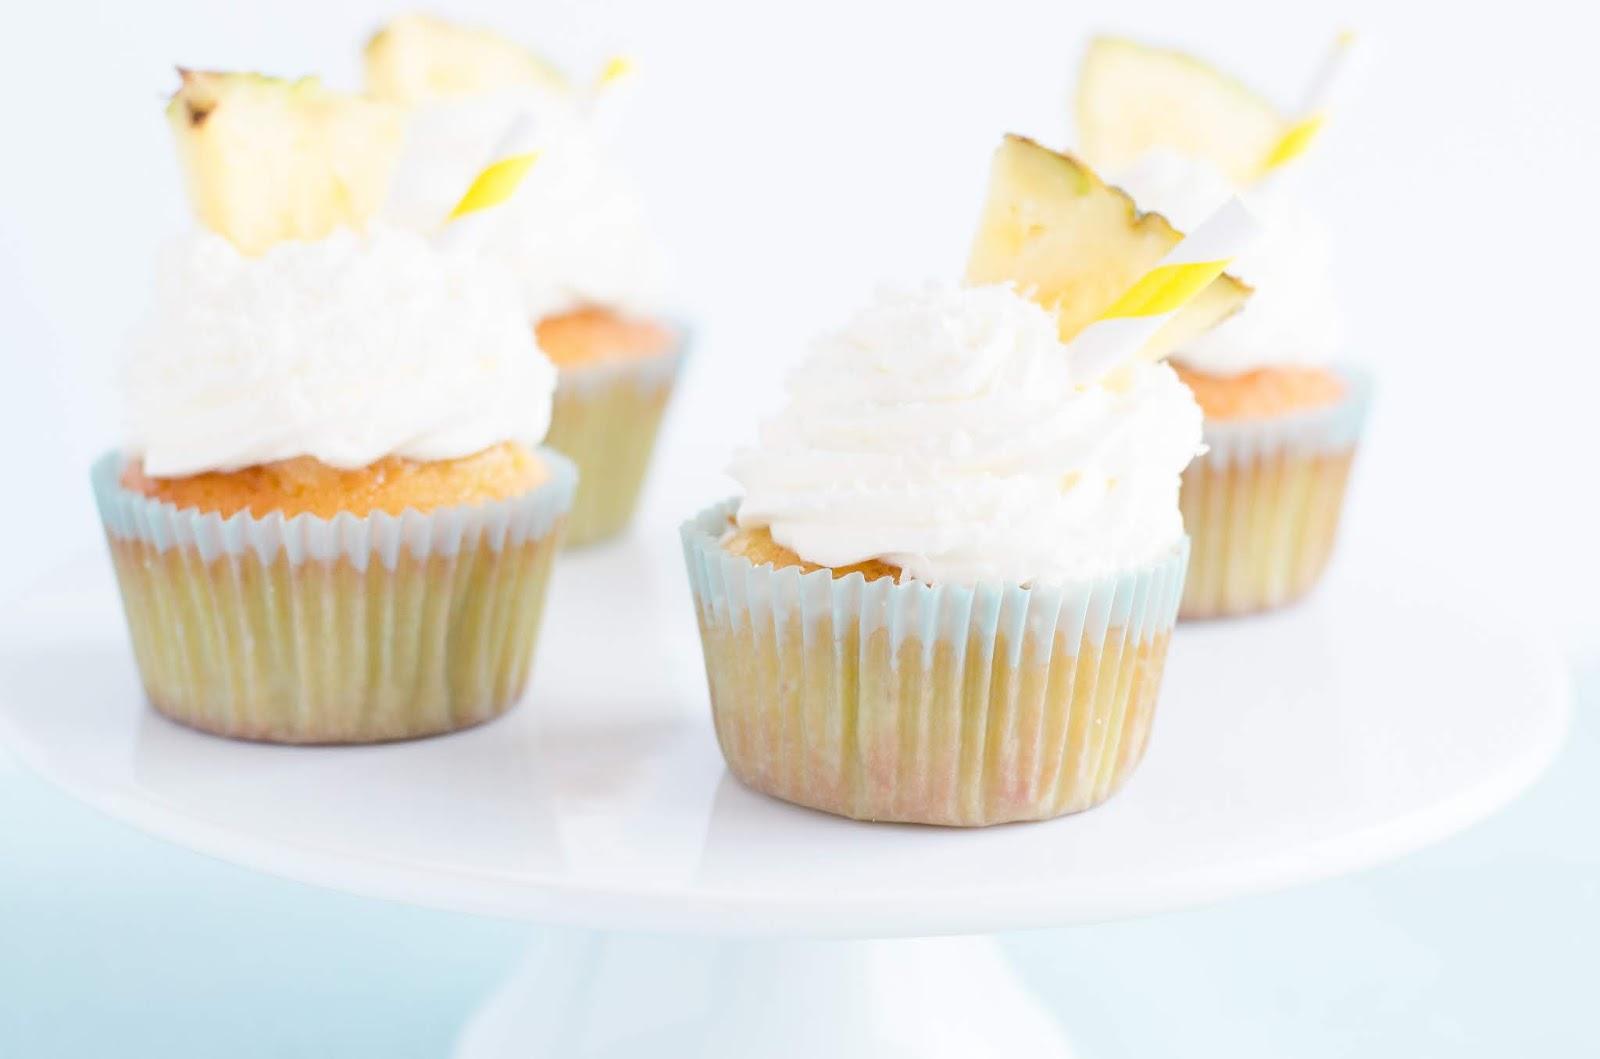 Cupcakes façon Pina Colada pour l'anniversaire de Calvados pour elles Chez Zodio Caen